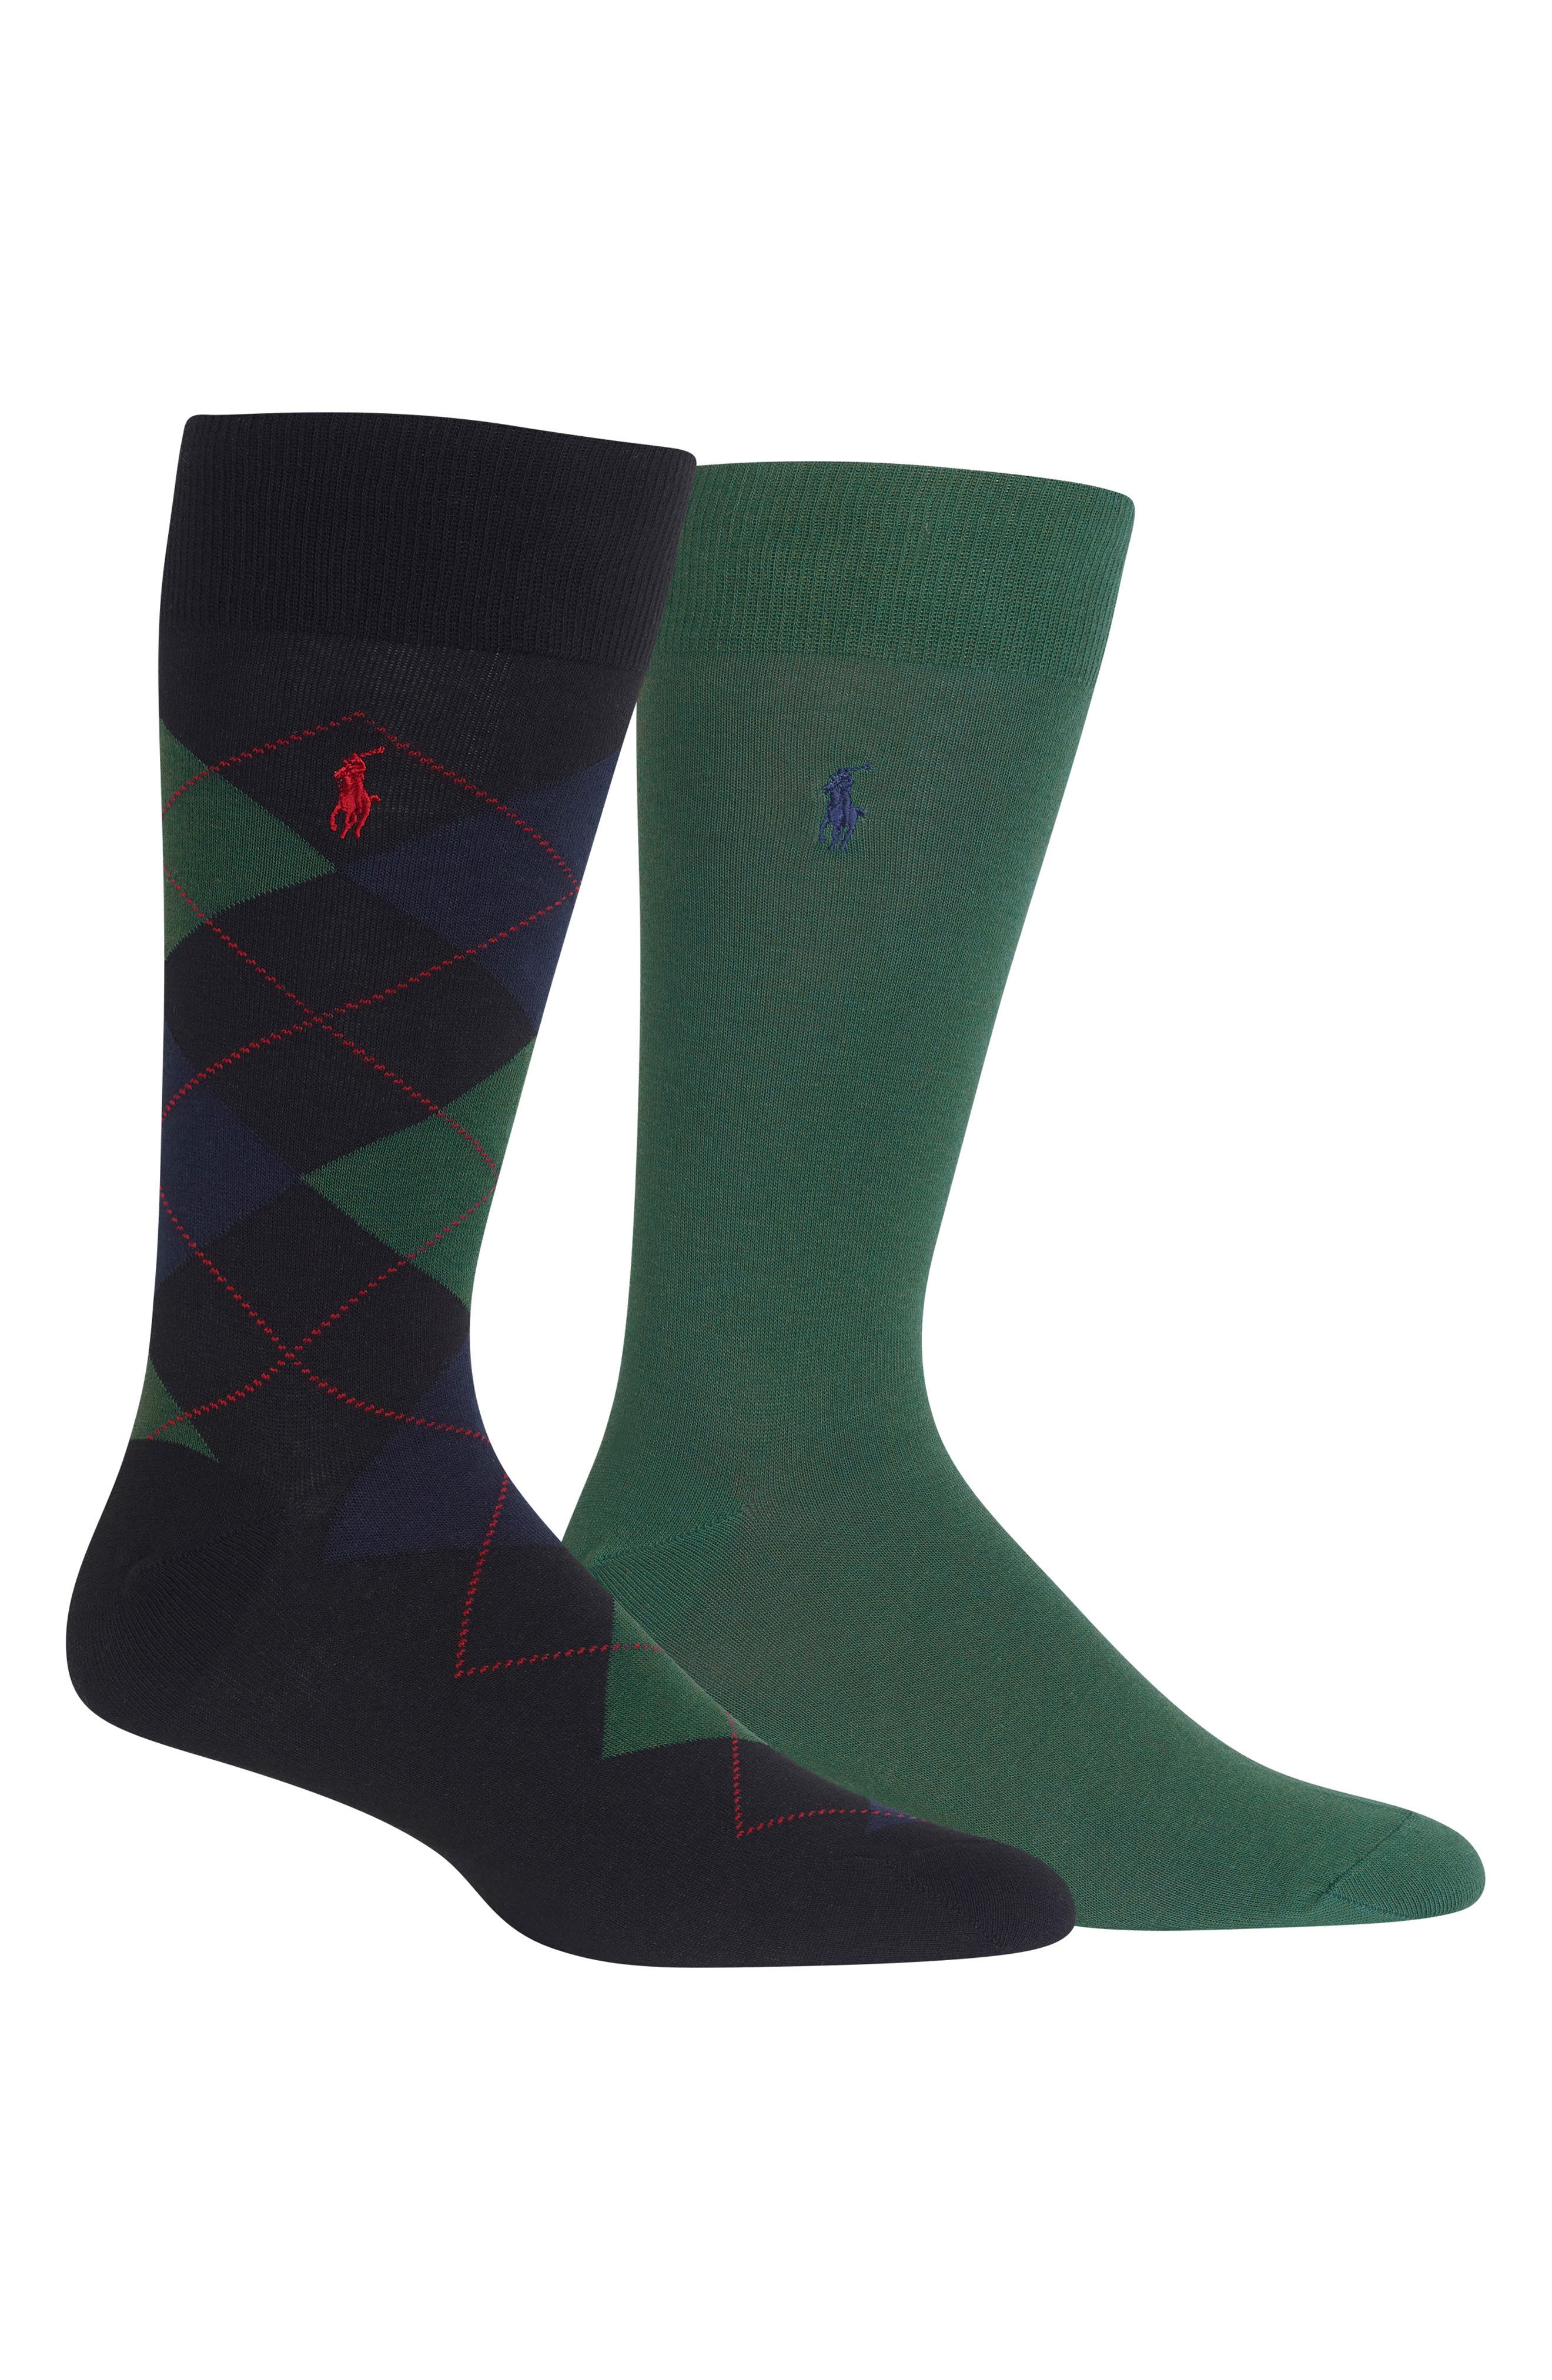 Cotton Blend Socks,                         Main,                         color, 005